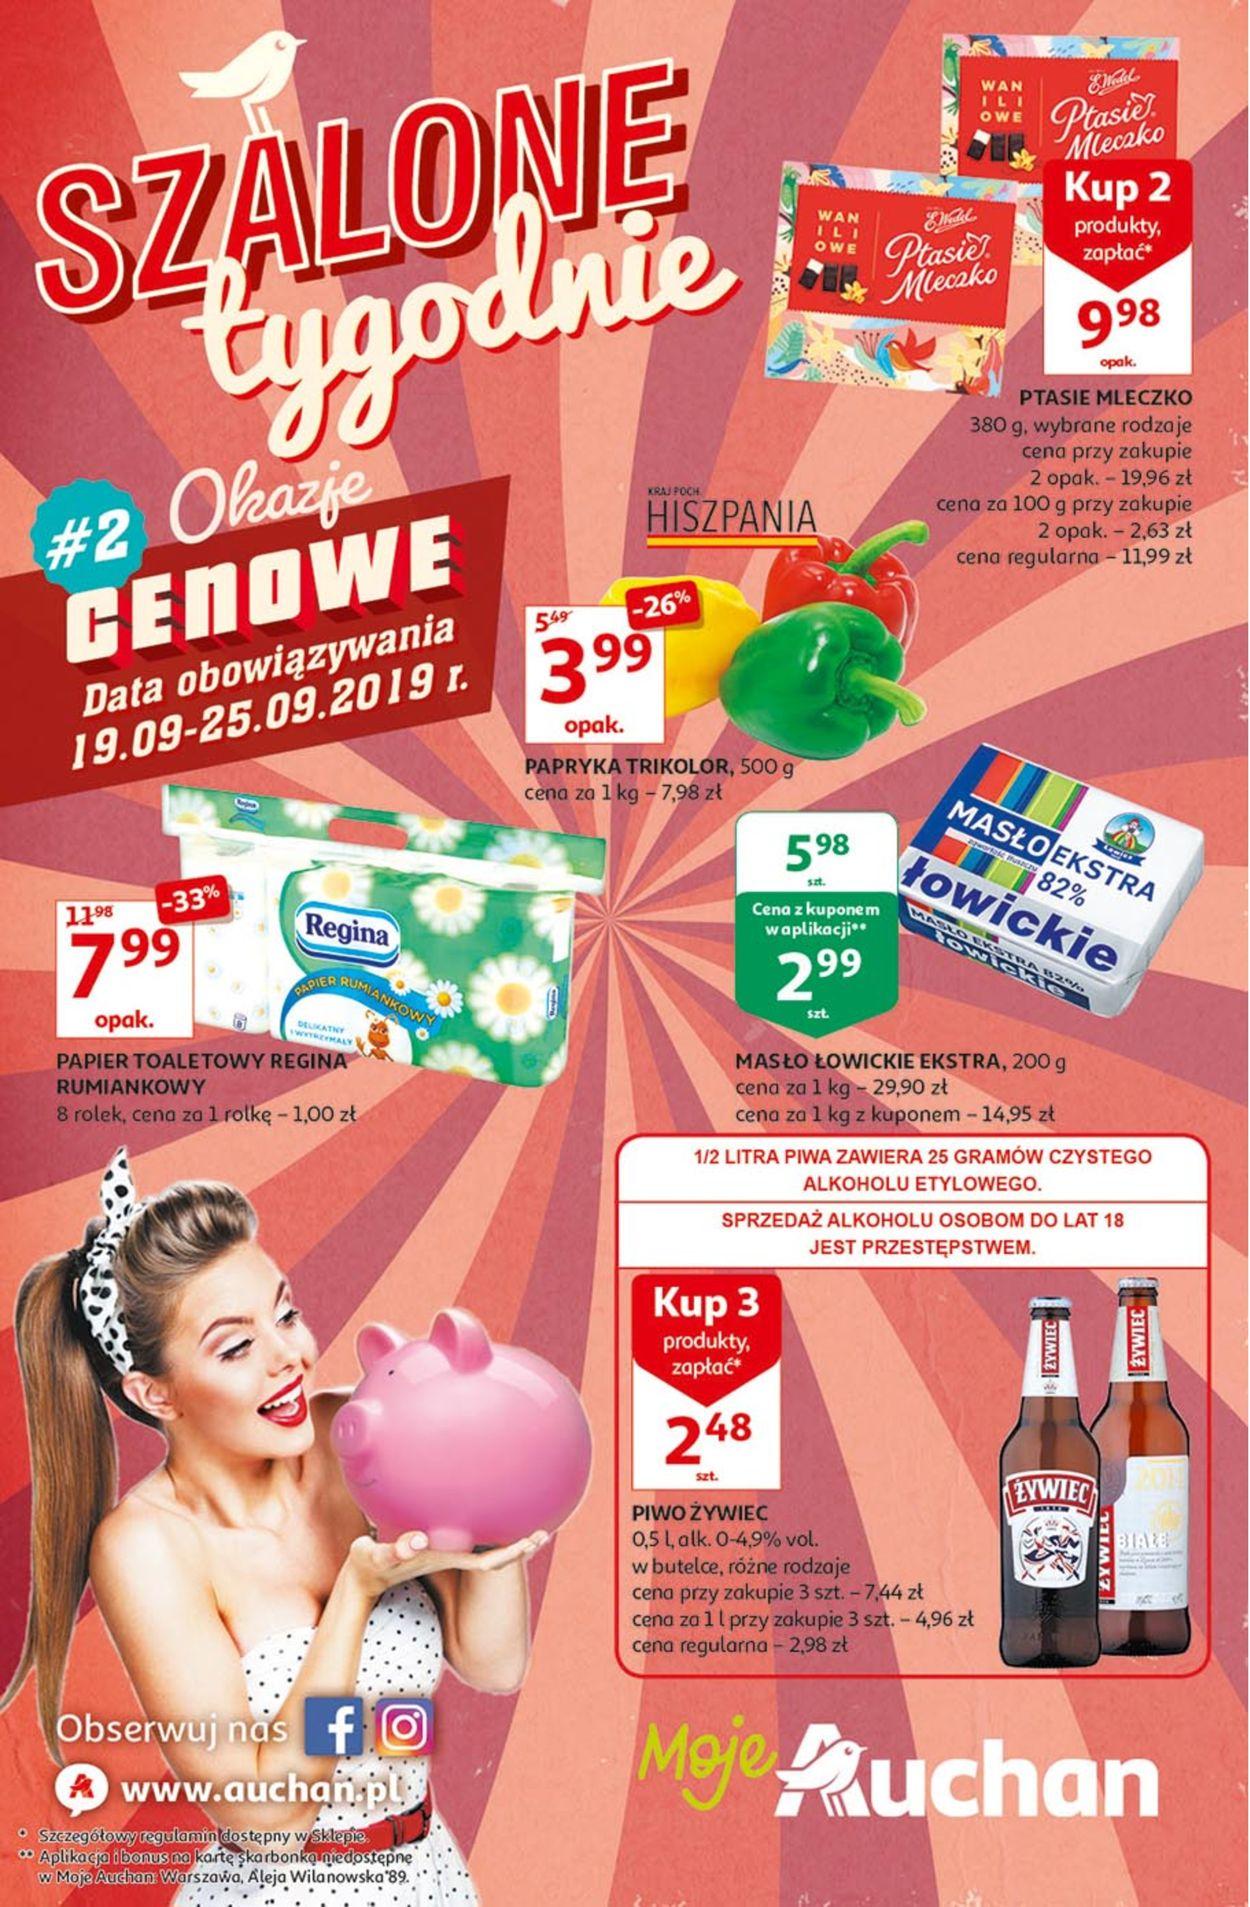 Gazetka promocyjna Auchan - 19.09-25.09.2019